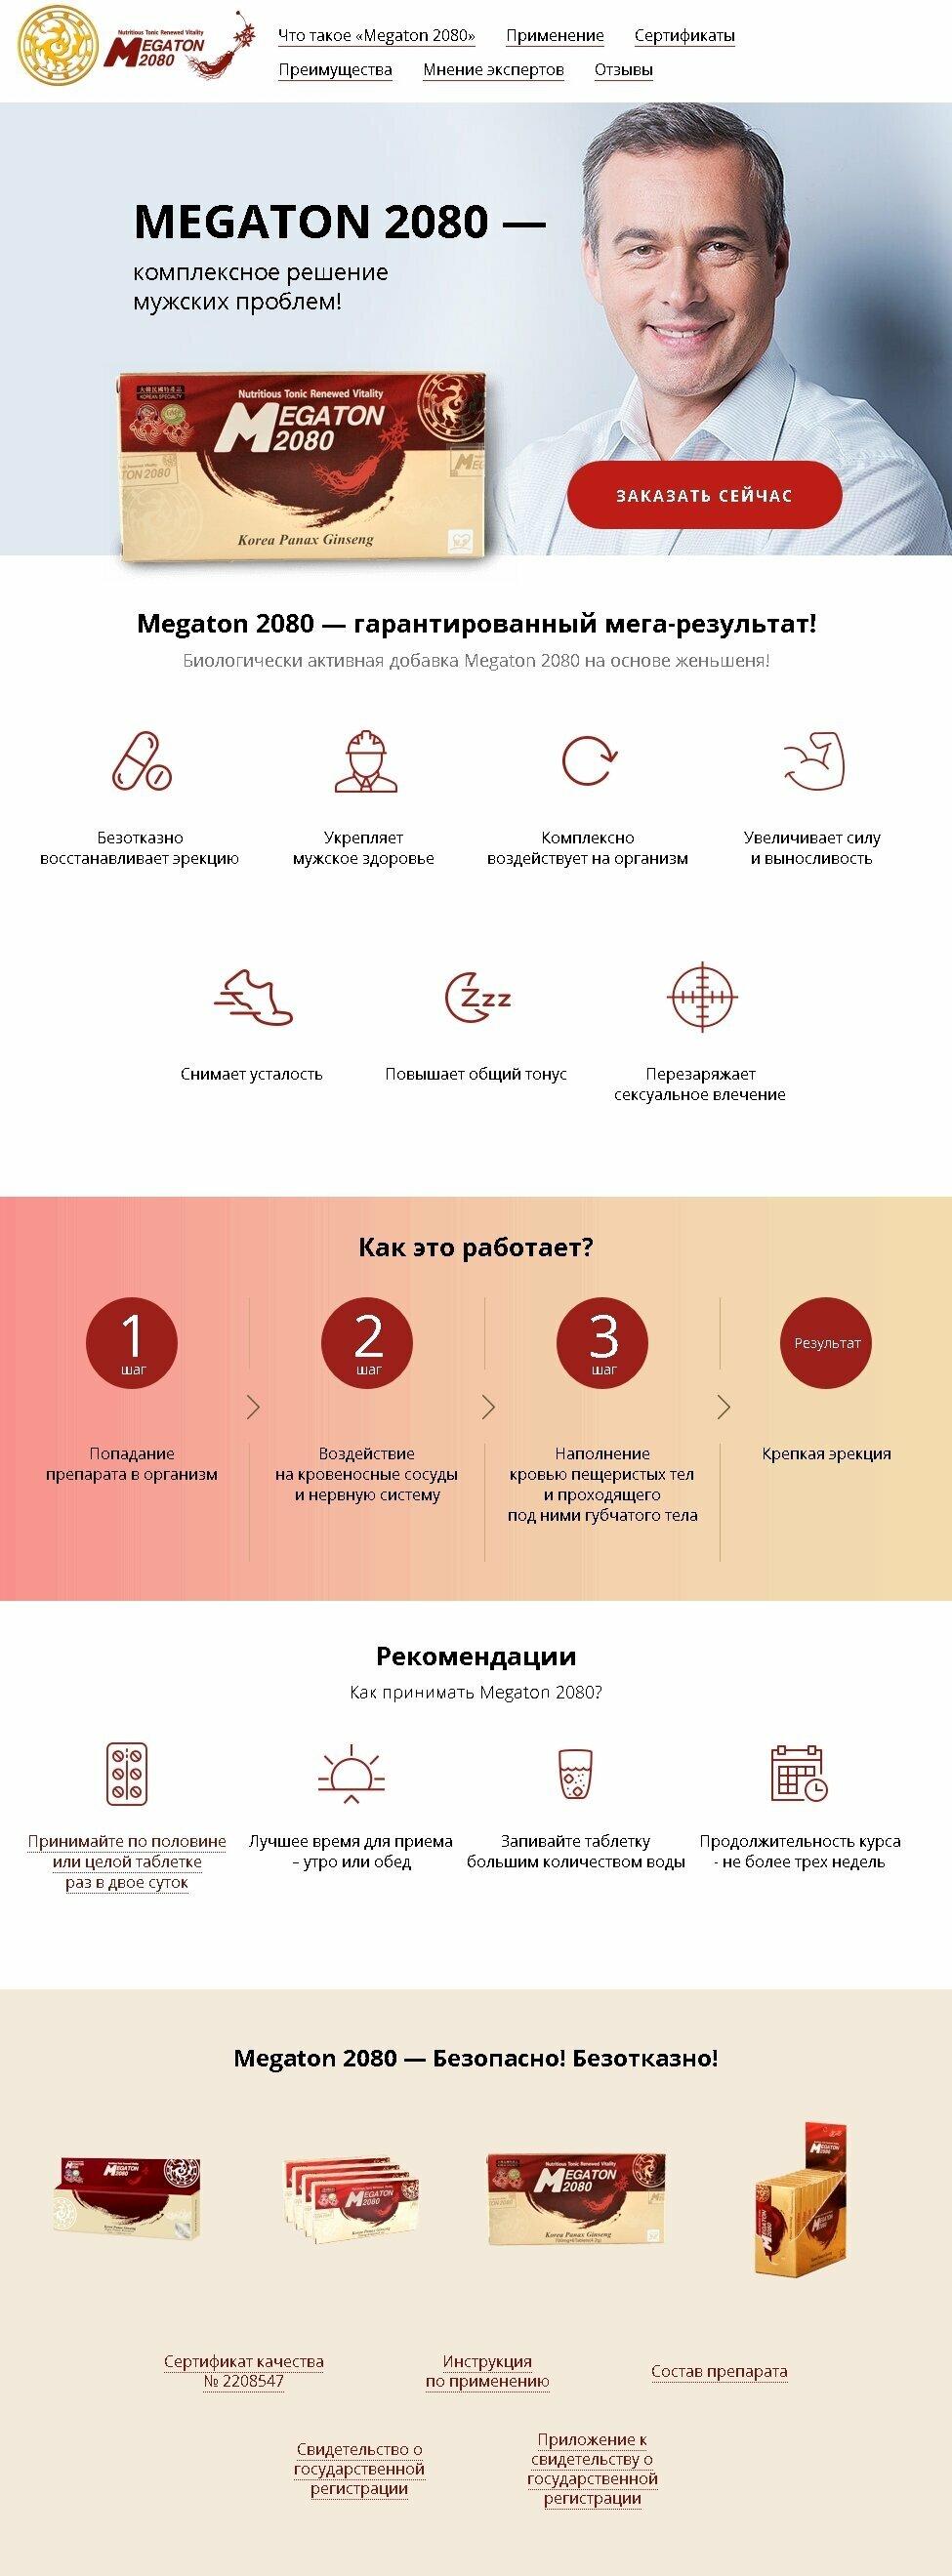 Мегатон 2080 таблетки для восстановления потенции в Барнауле